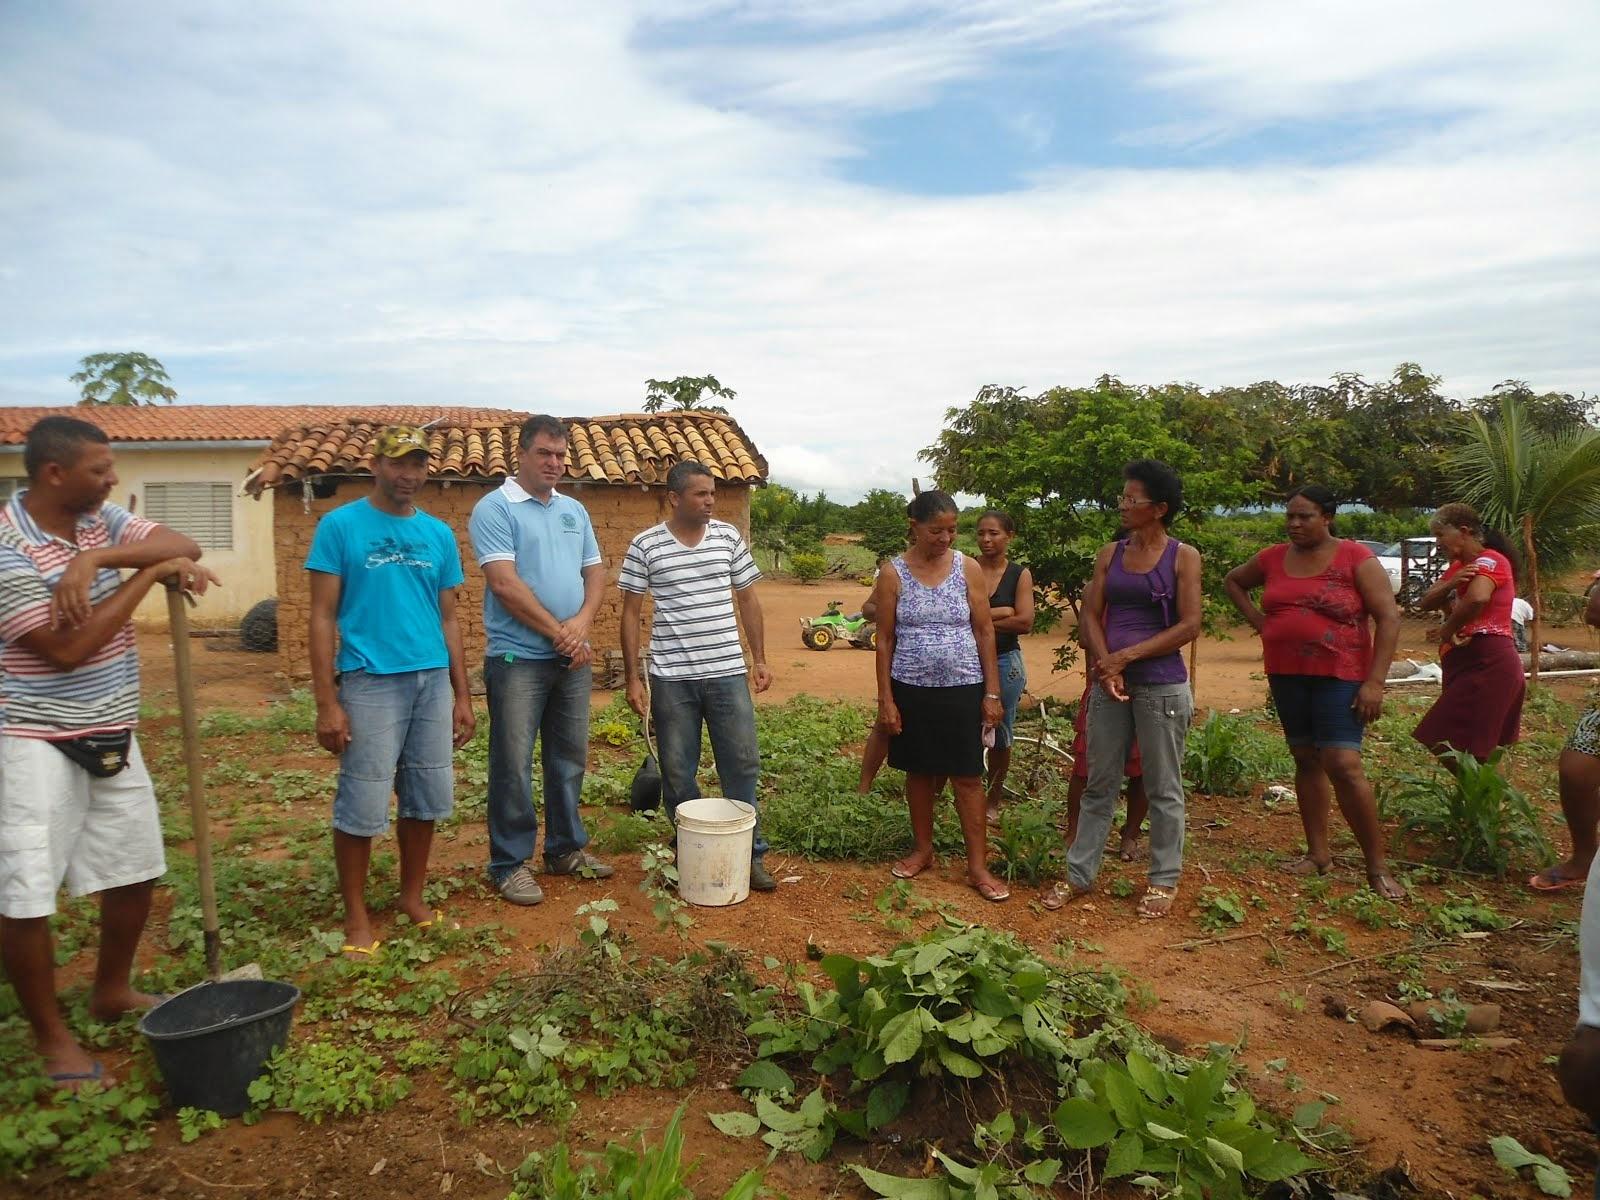 Instituto Brazil Global realiza capacitação na Comunidade de Cainana